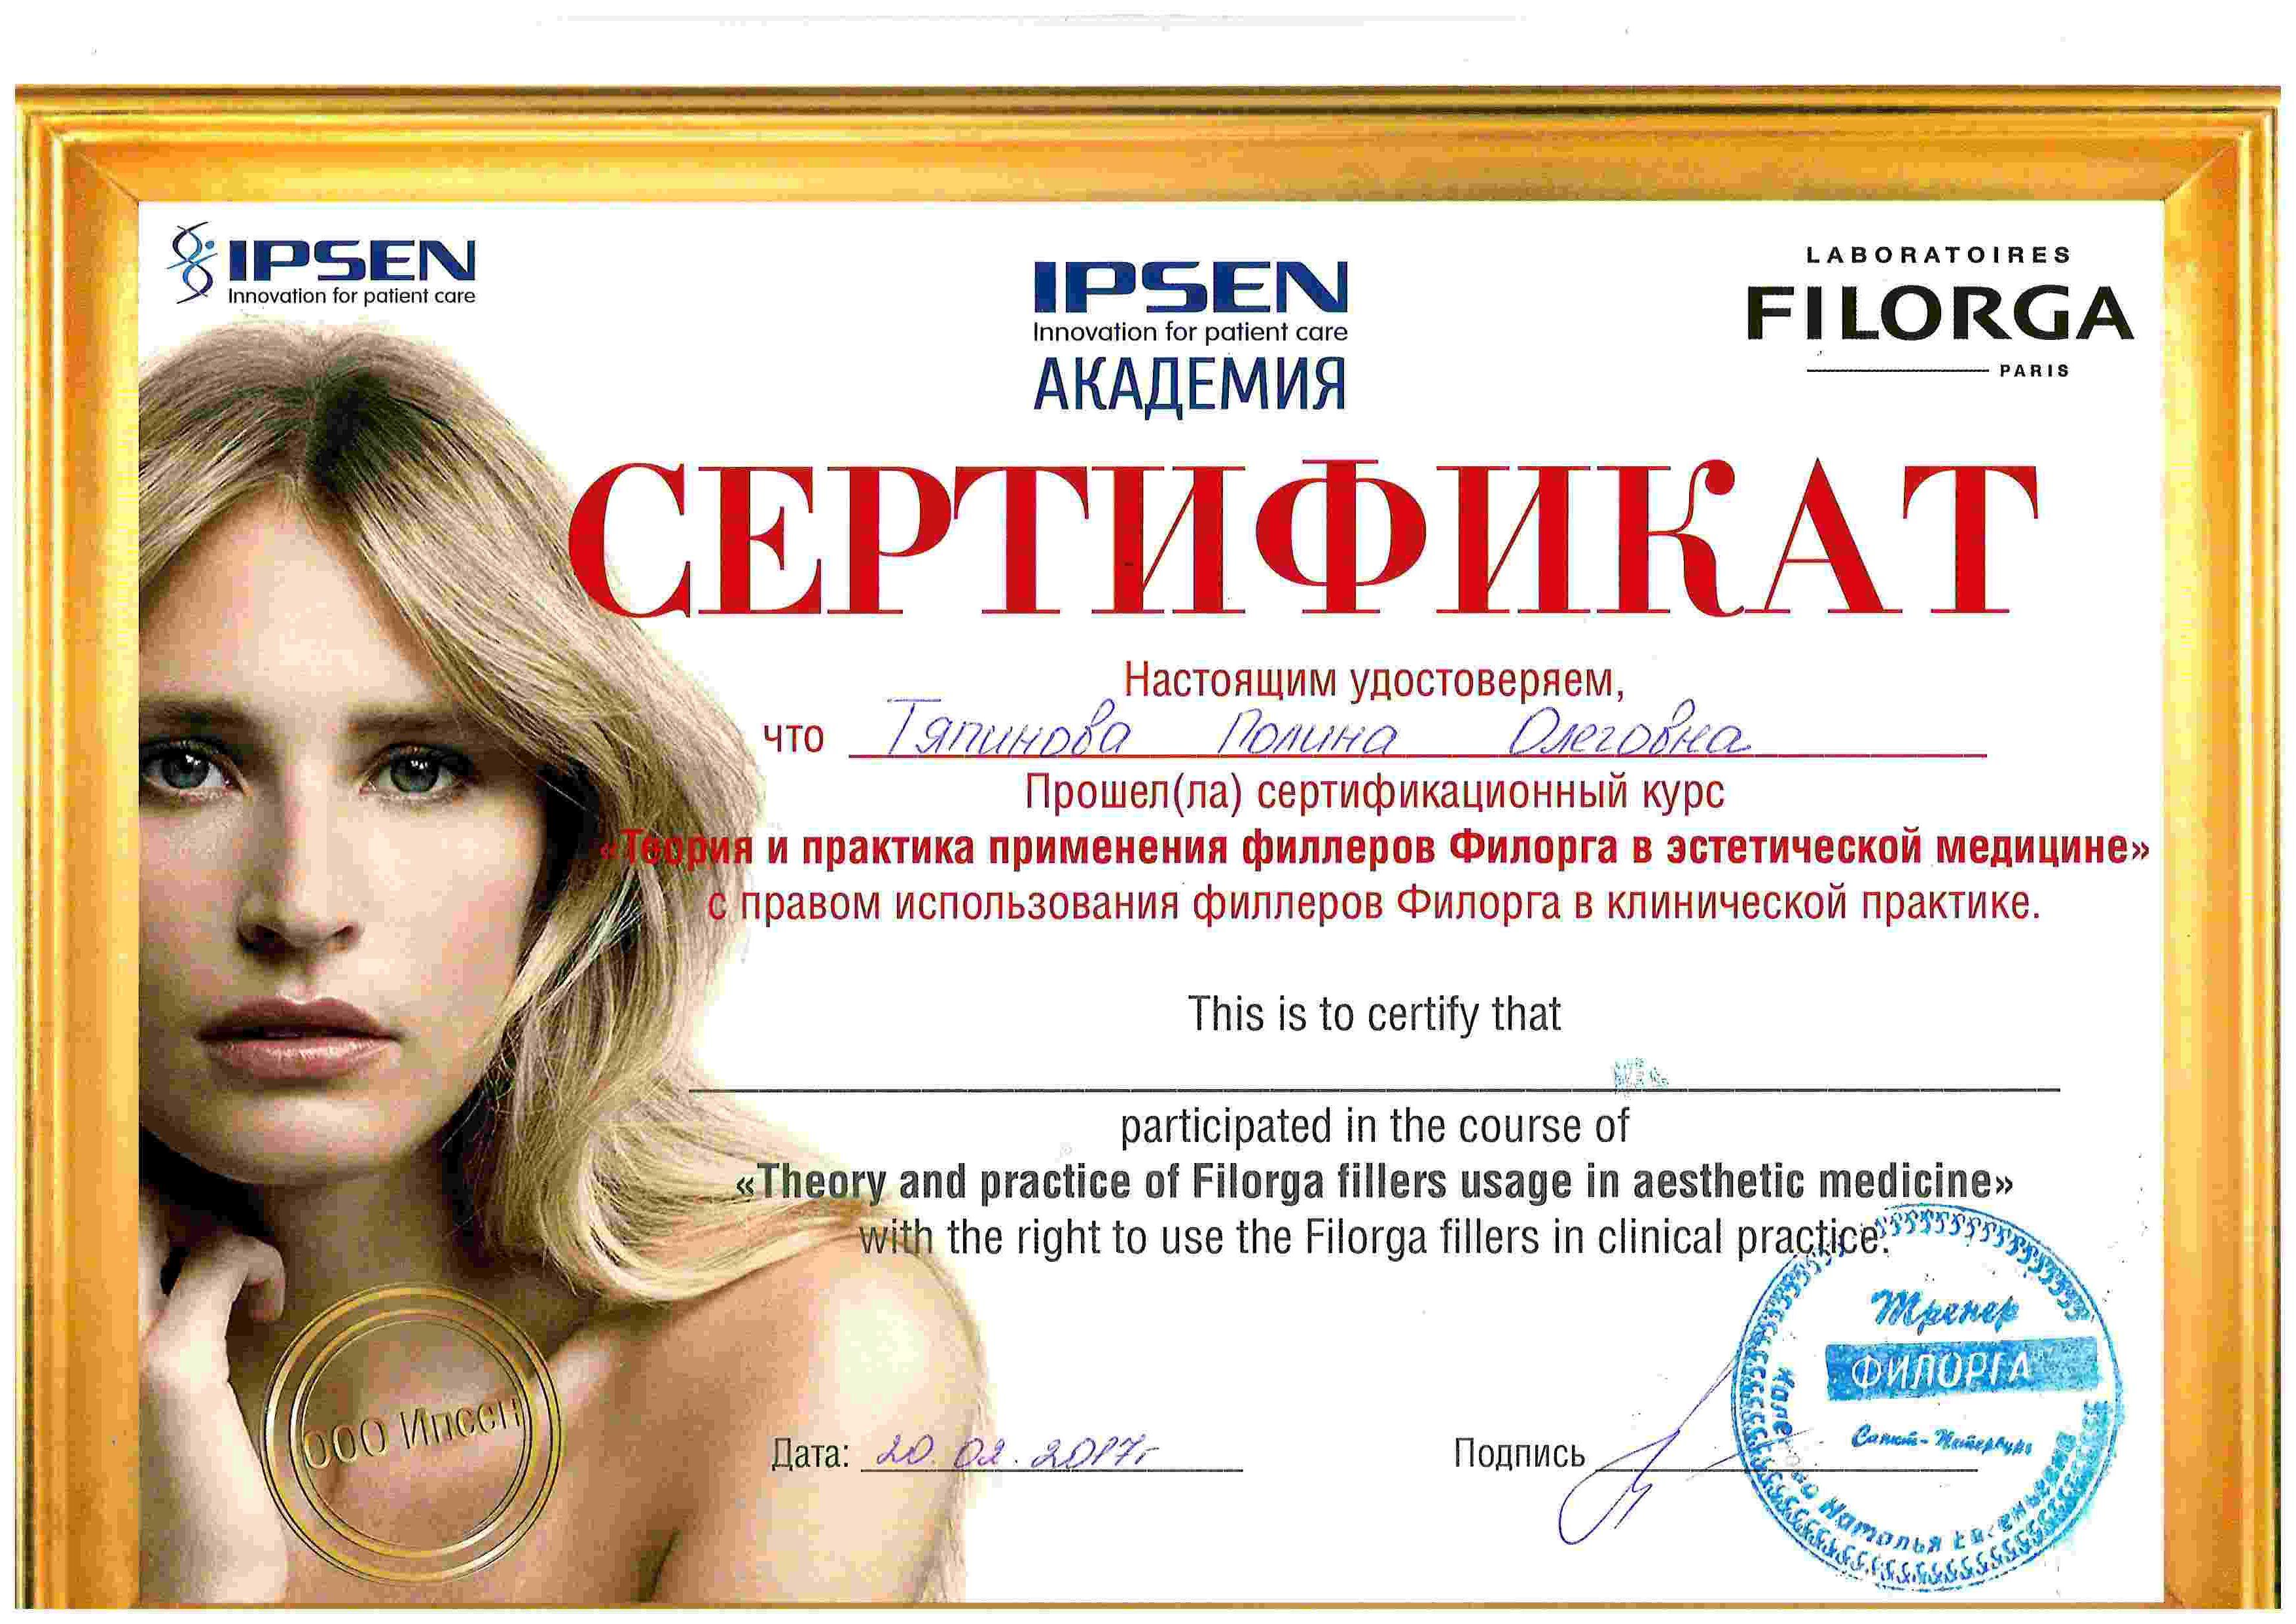 Сертификат Соловьева 7